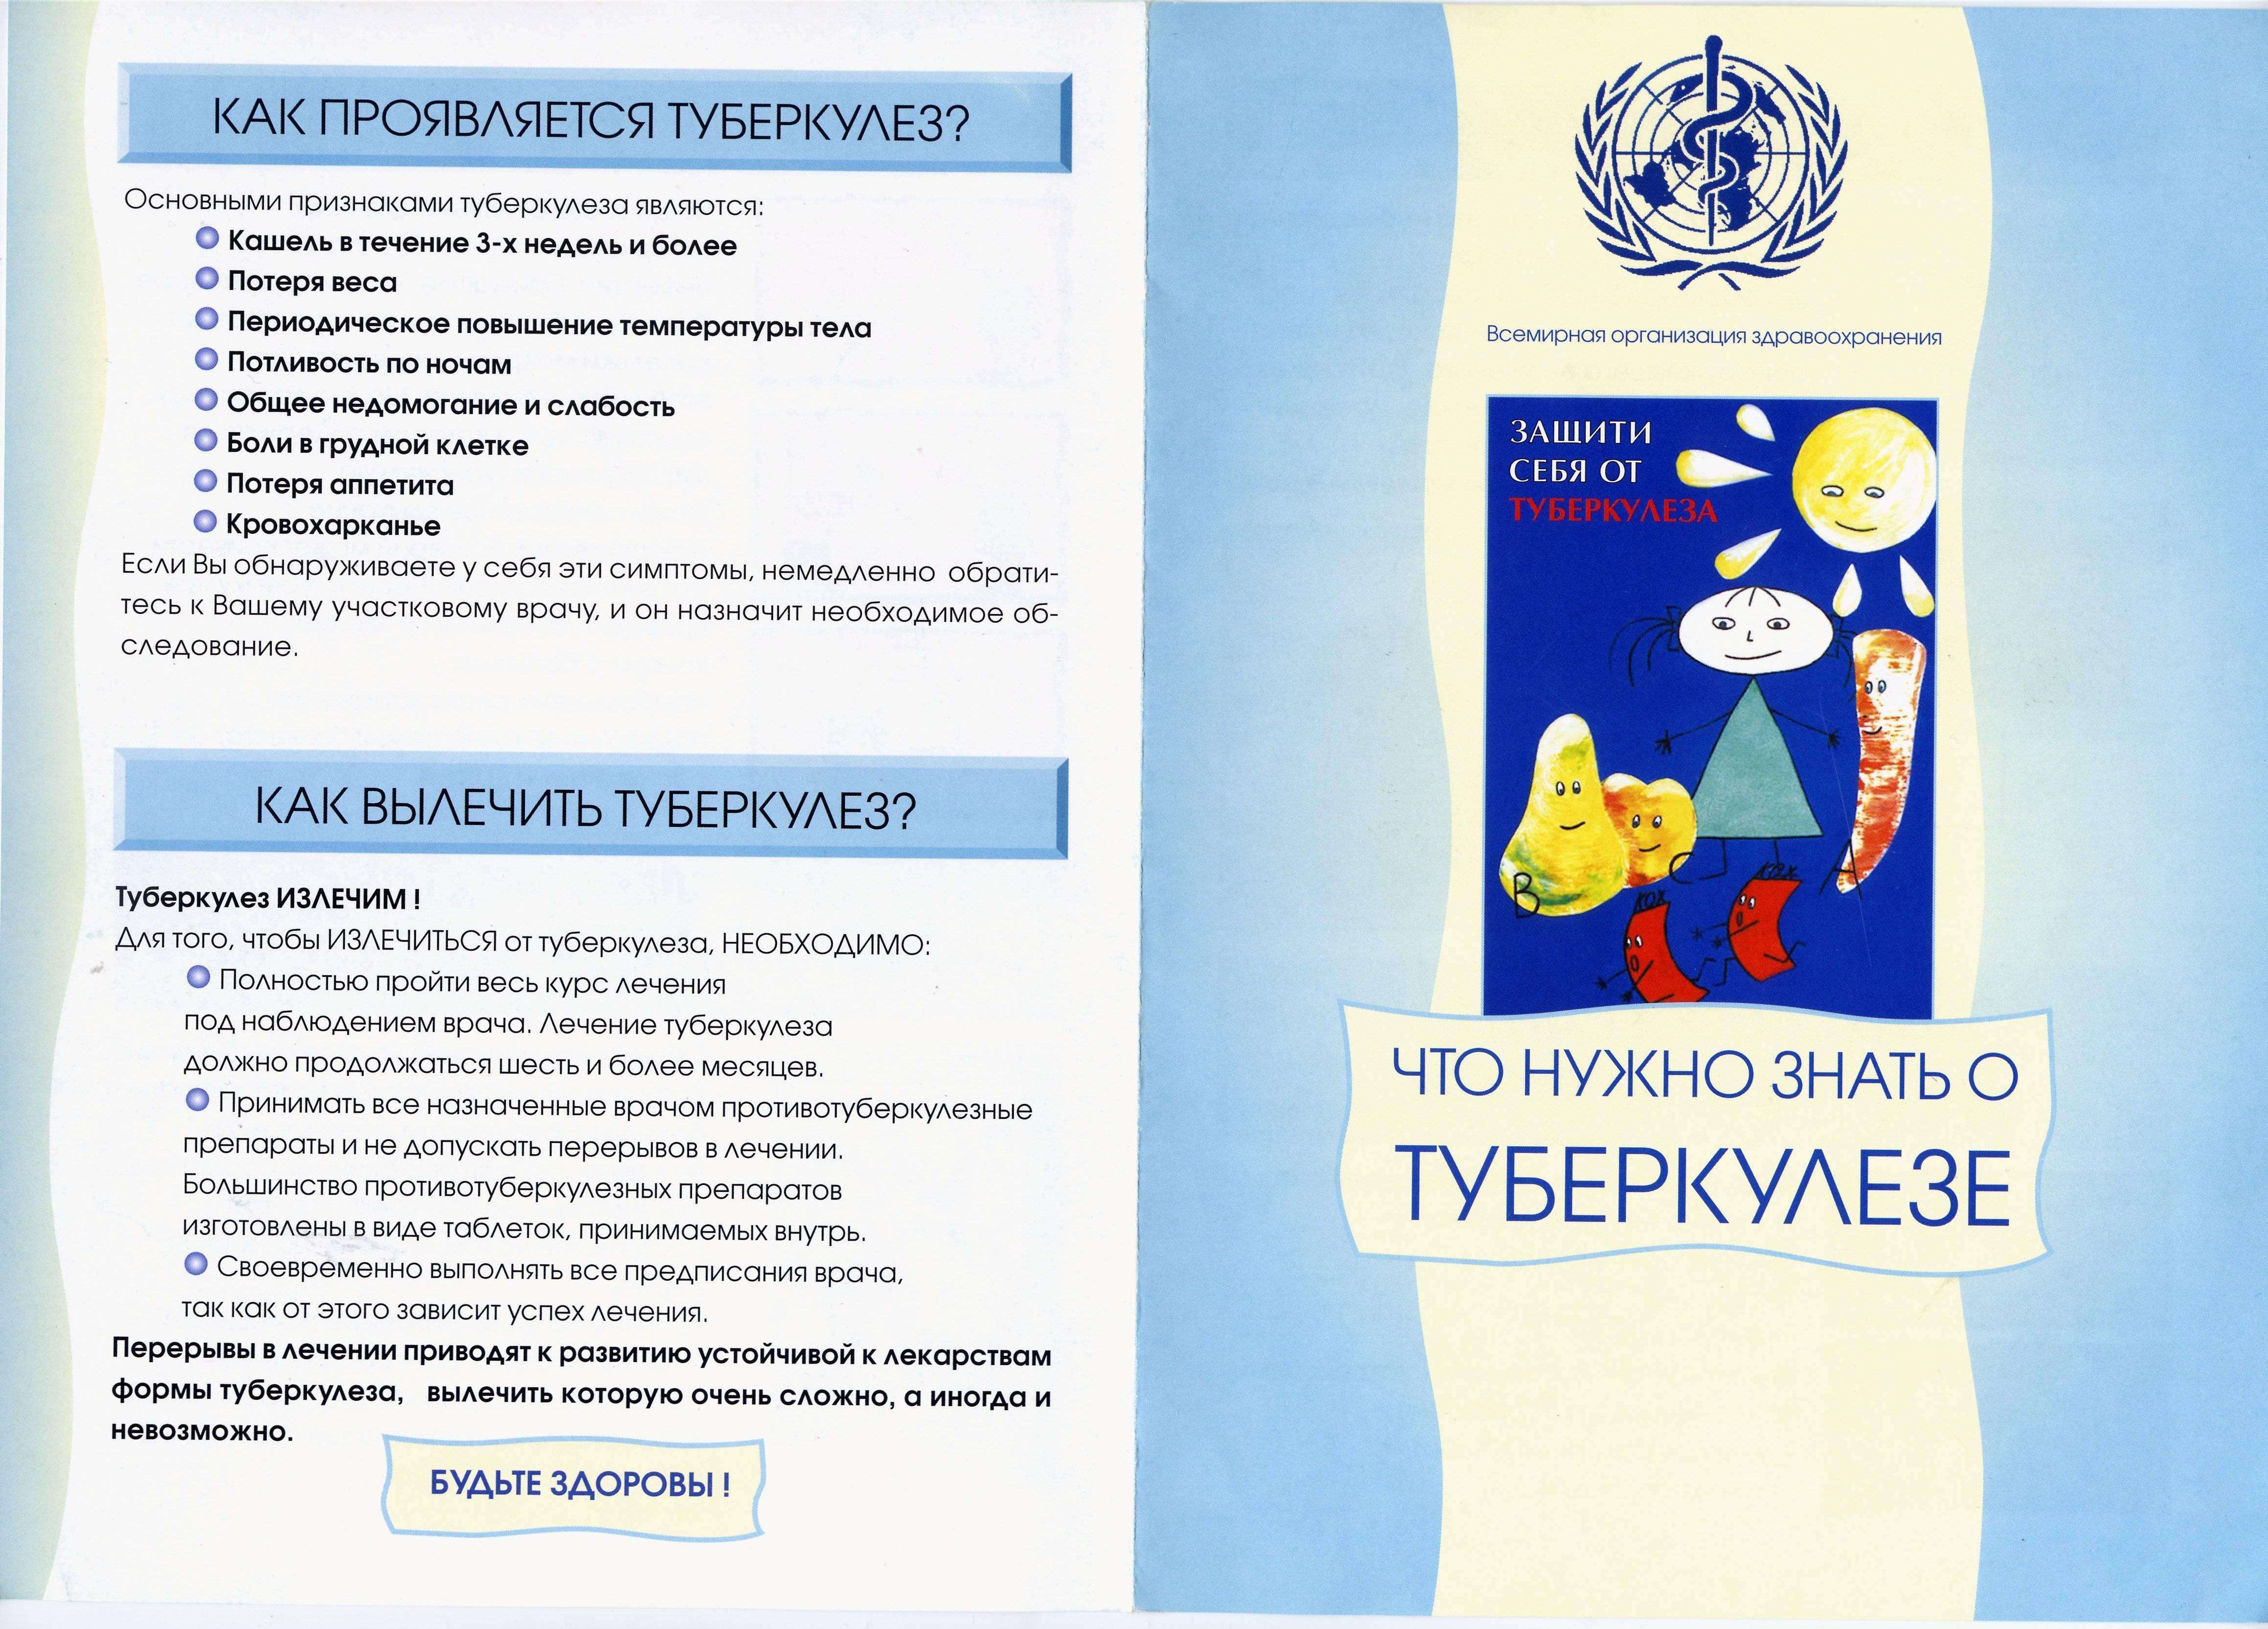 Туберкулез головного мозга: симптомы и лечение